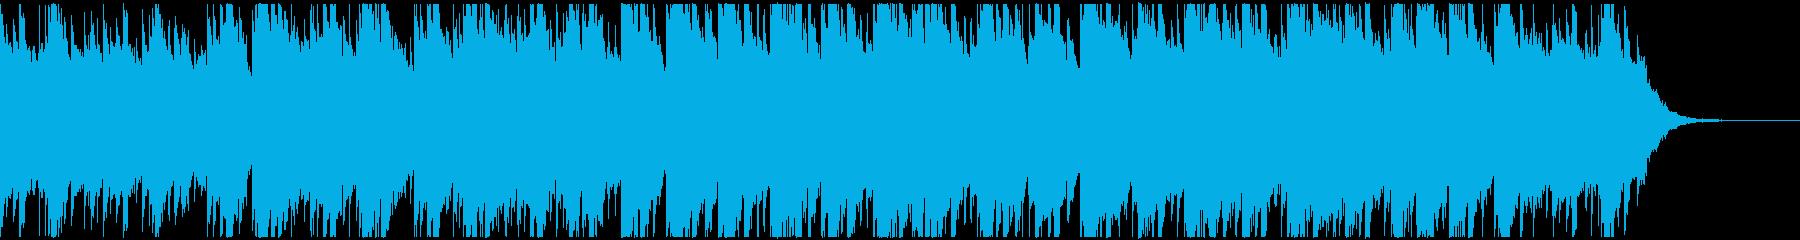 教育コンテンツ向け_06の再生済みの波形